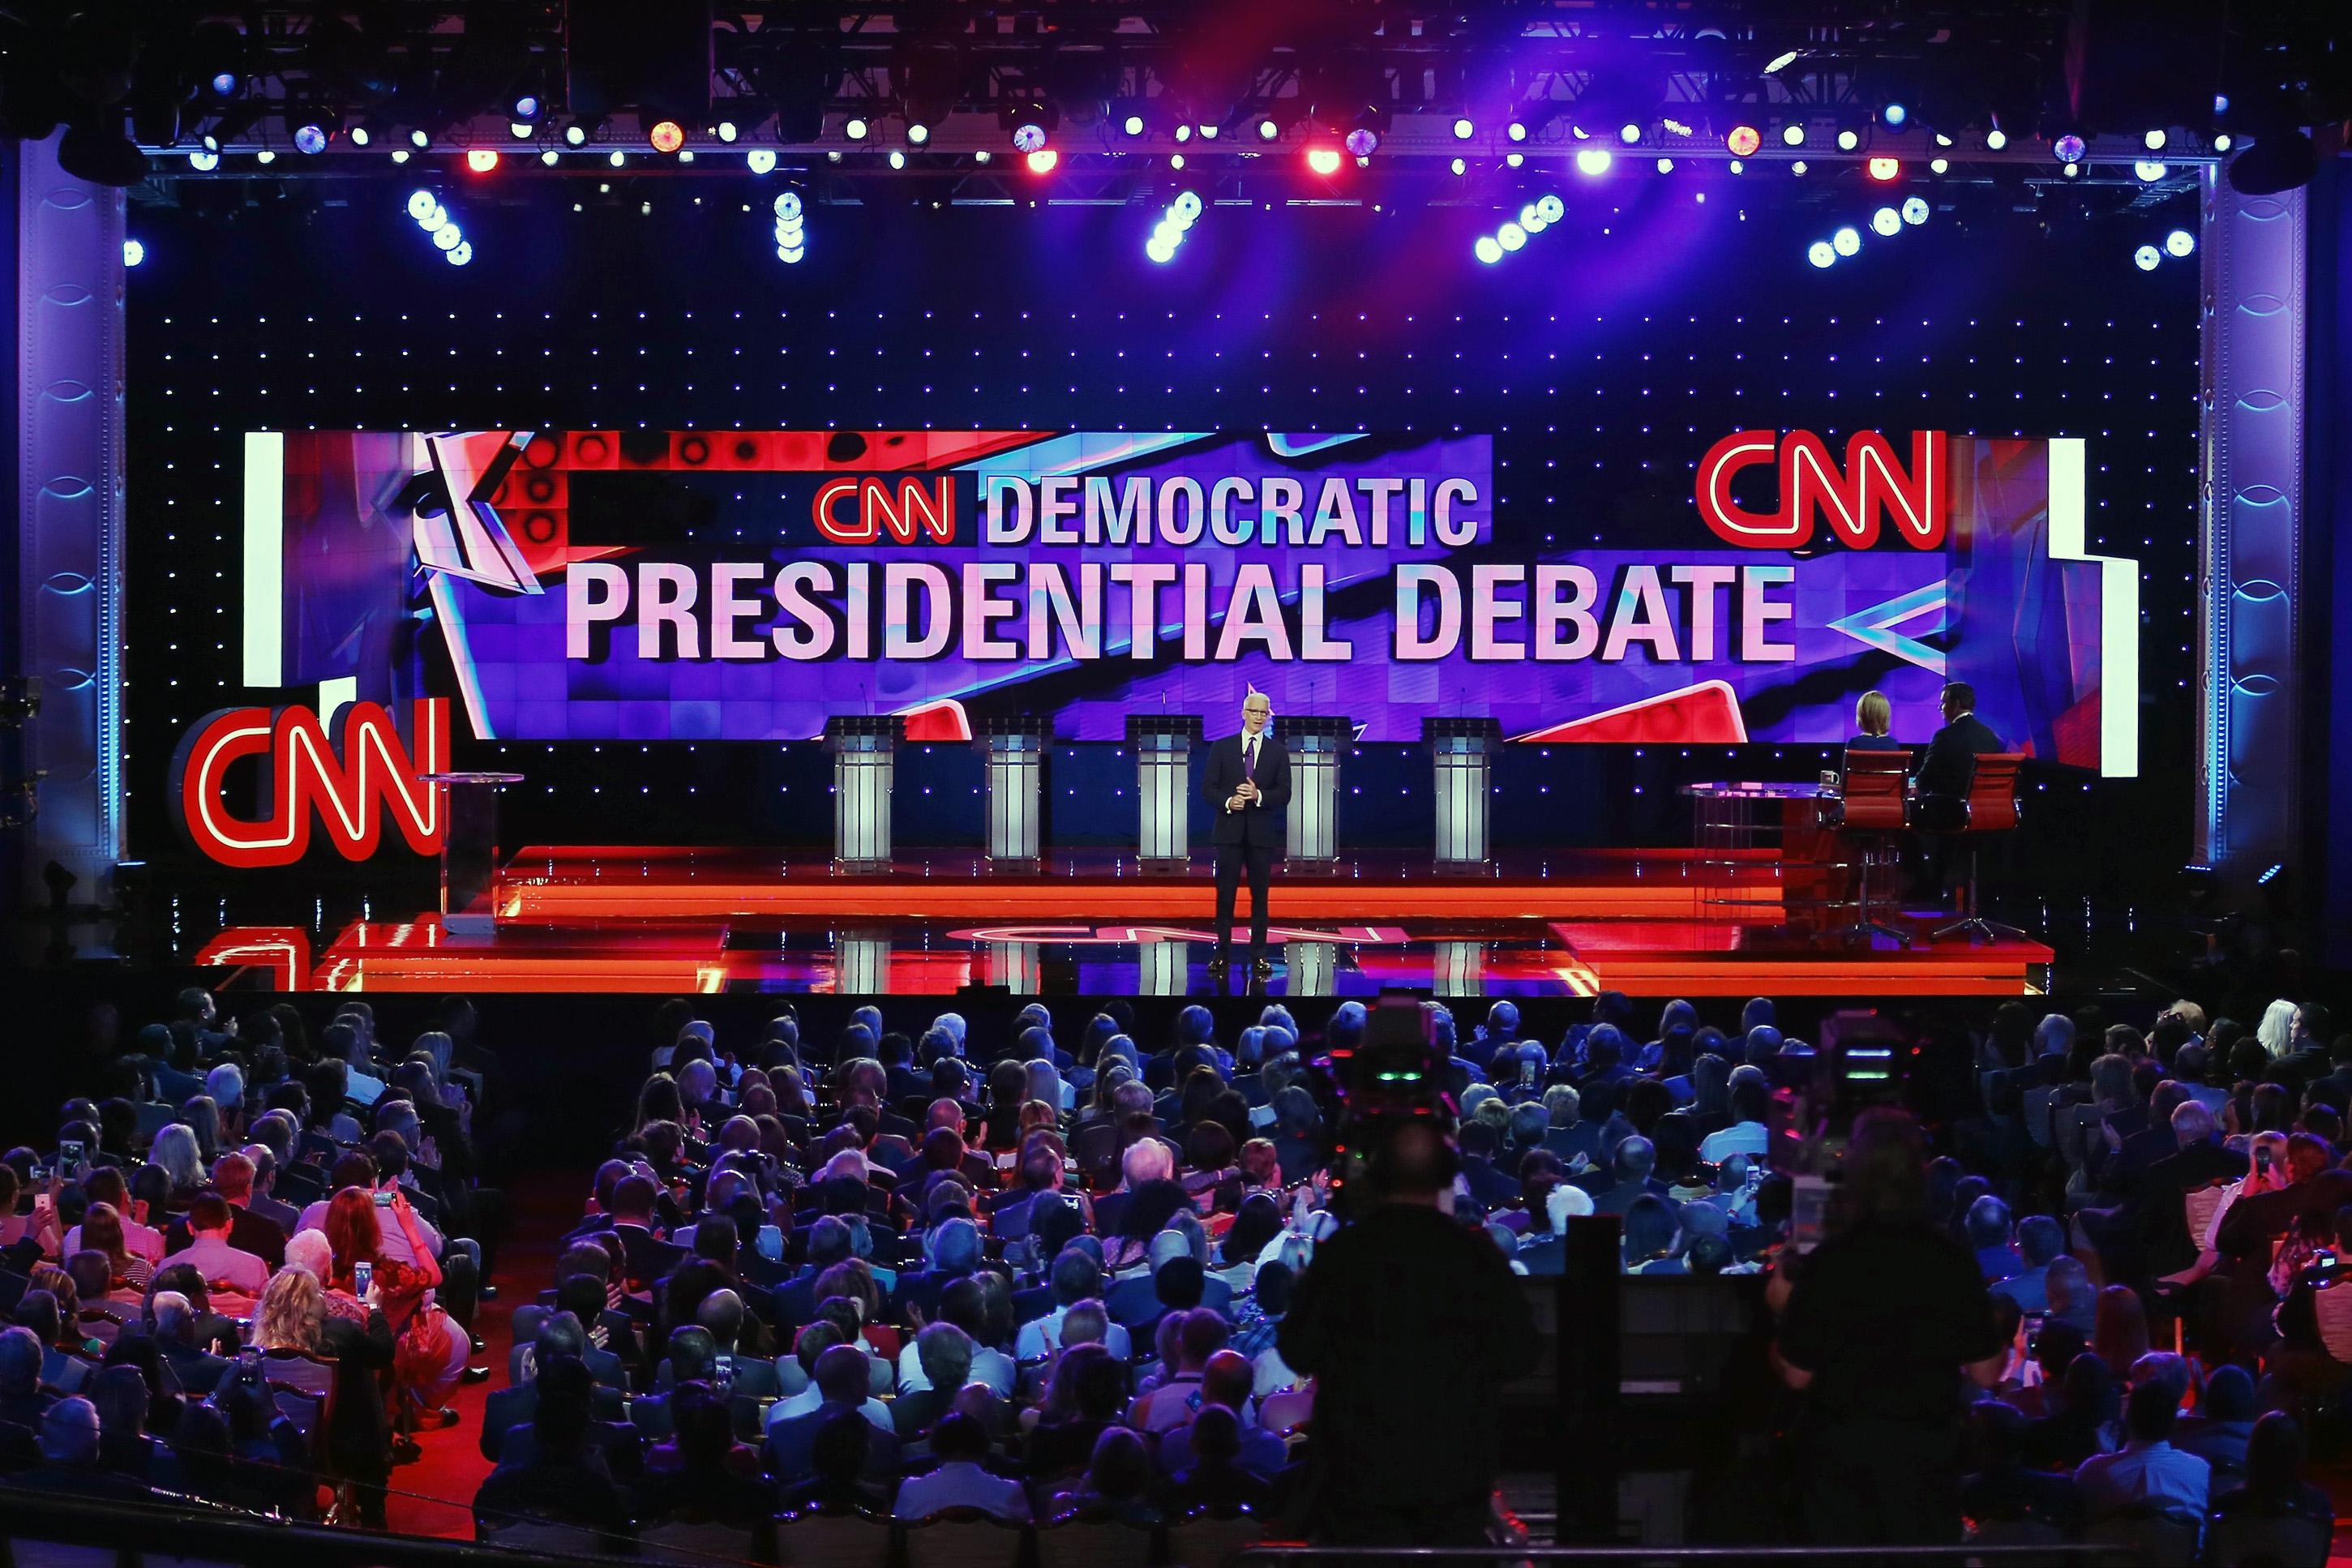 The Democratic presidential debate sponsored by CNN and Facebook at Wynn Las Vegas on Oct. 13, 2015 in Las Vegas.